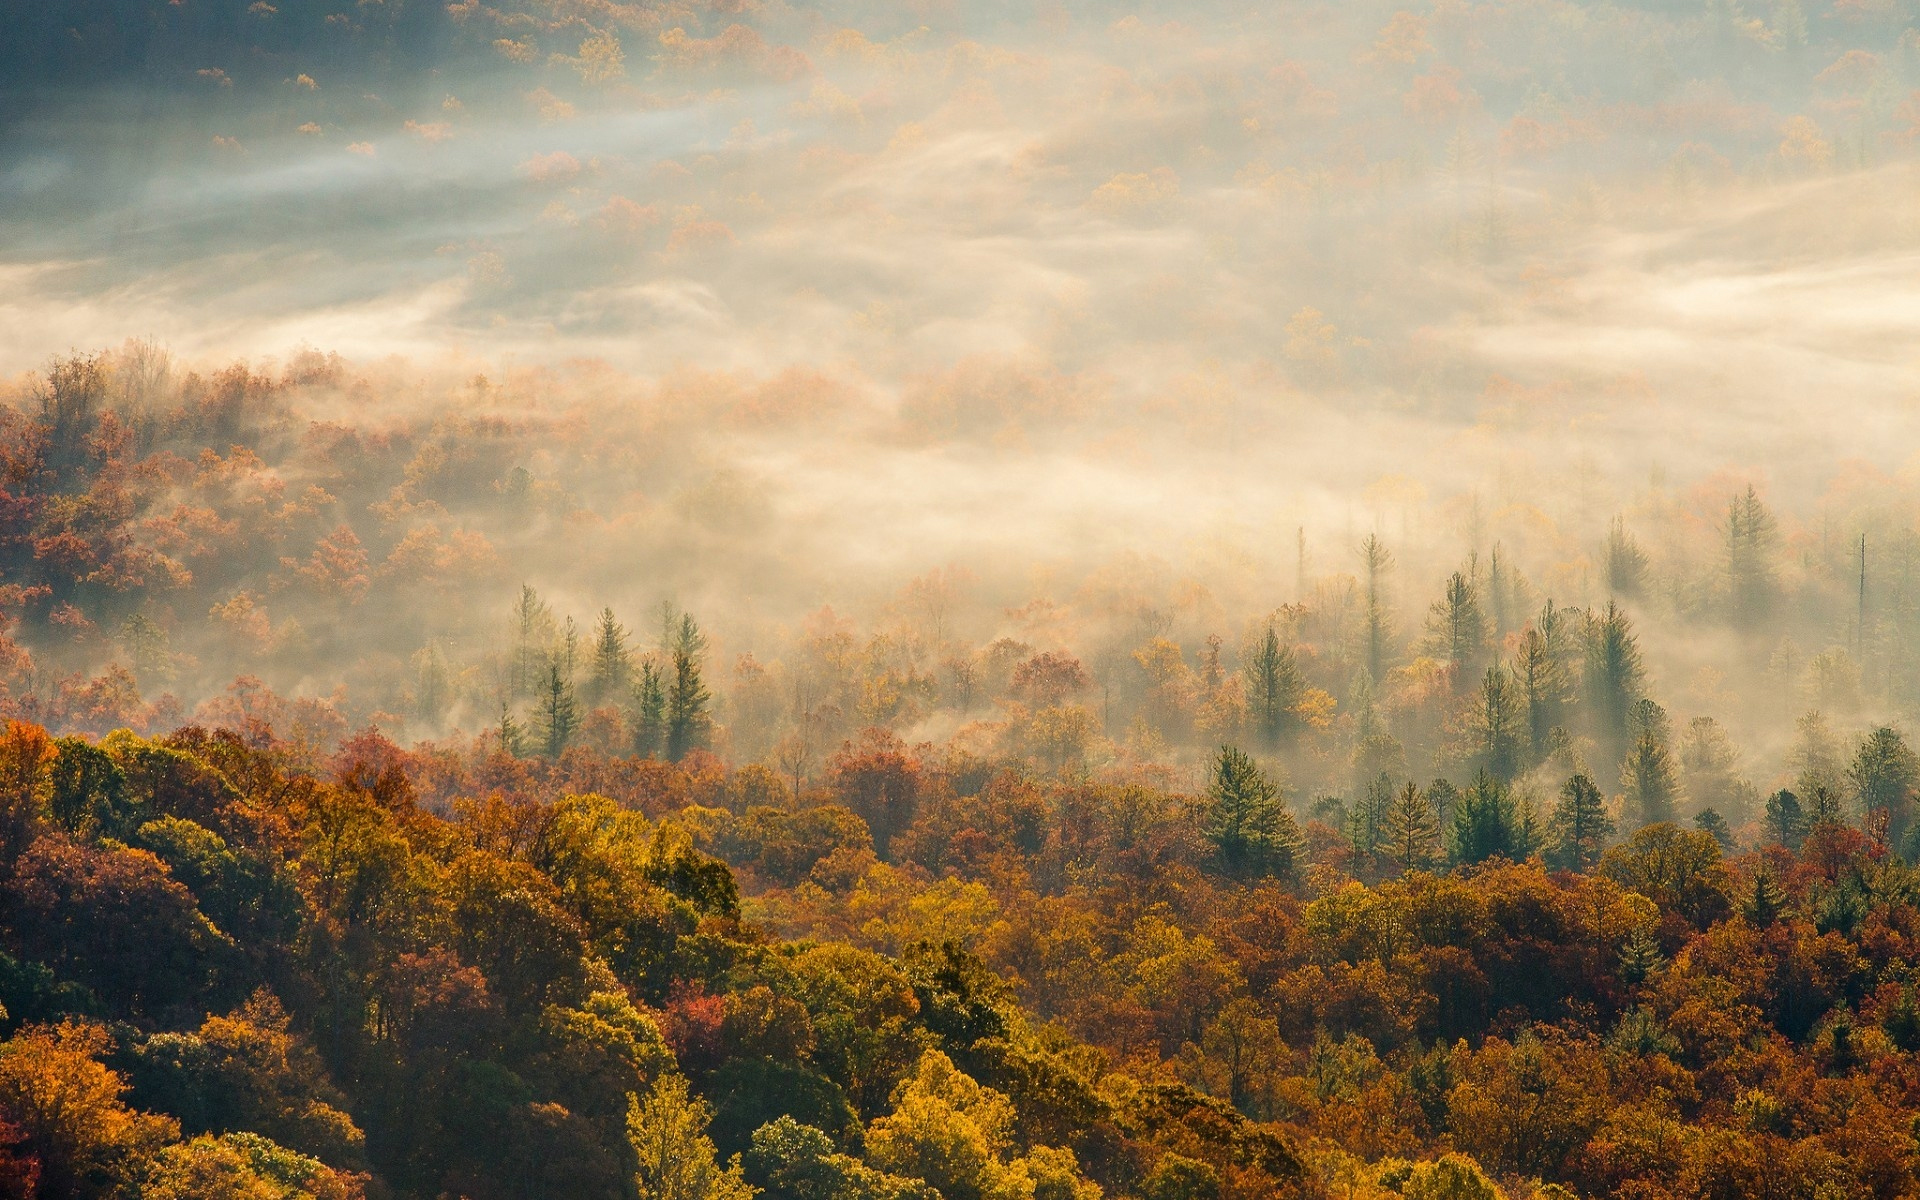 素材 深まる秋にぴったりな 色鮮やかな紅葉の美しいデスクトップ壁紙素材 29 Autumn Wallpapers For Your Desktop Happy Word